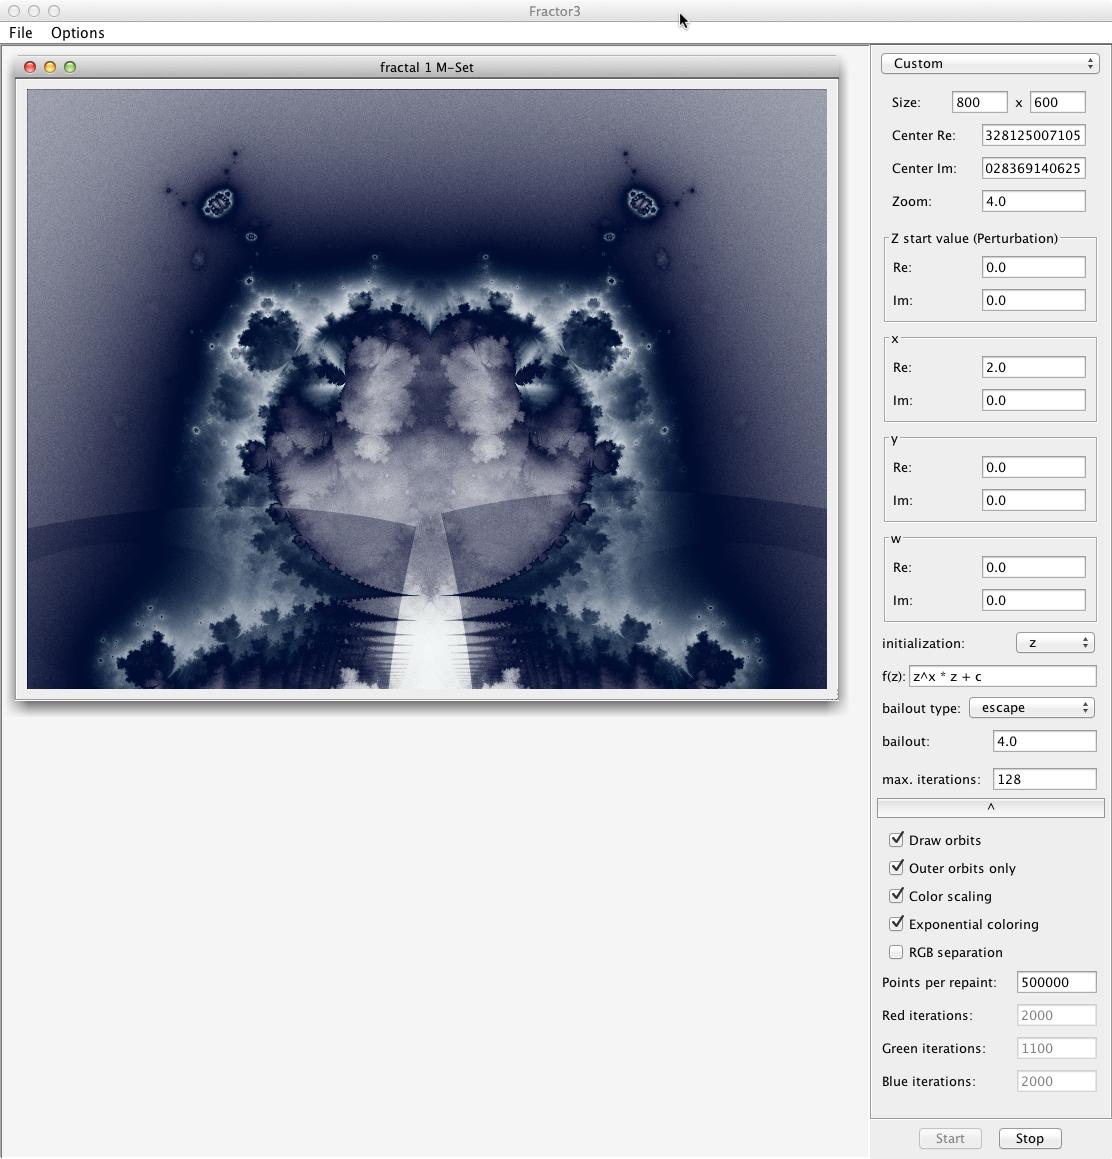 Benutzeroberfläche von Fractor3